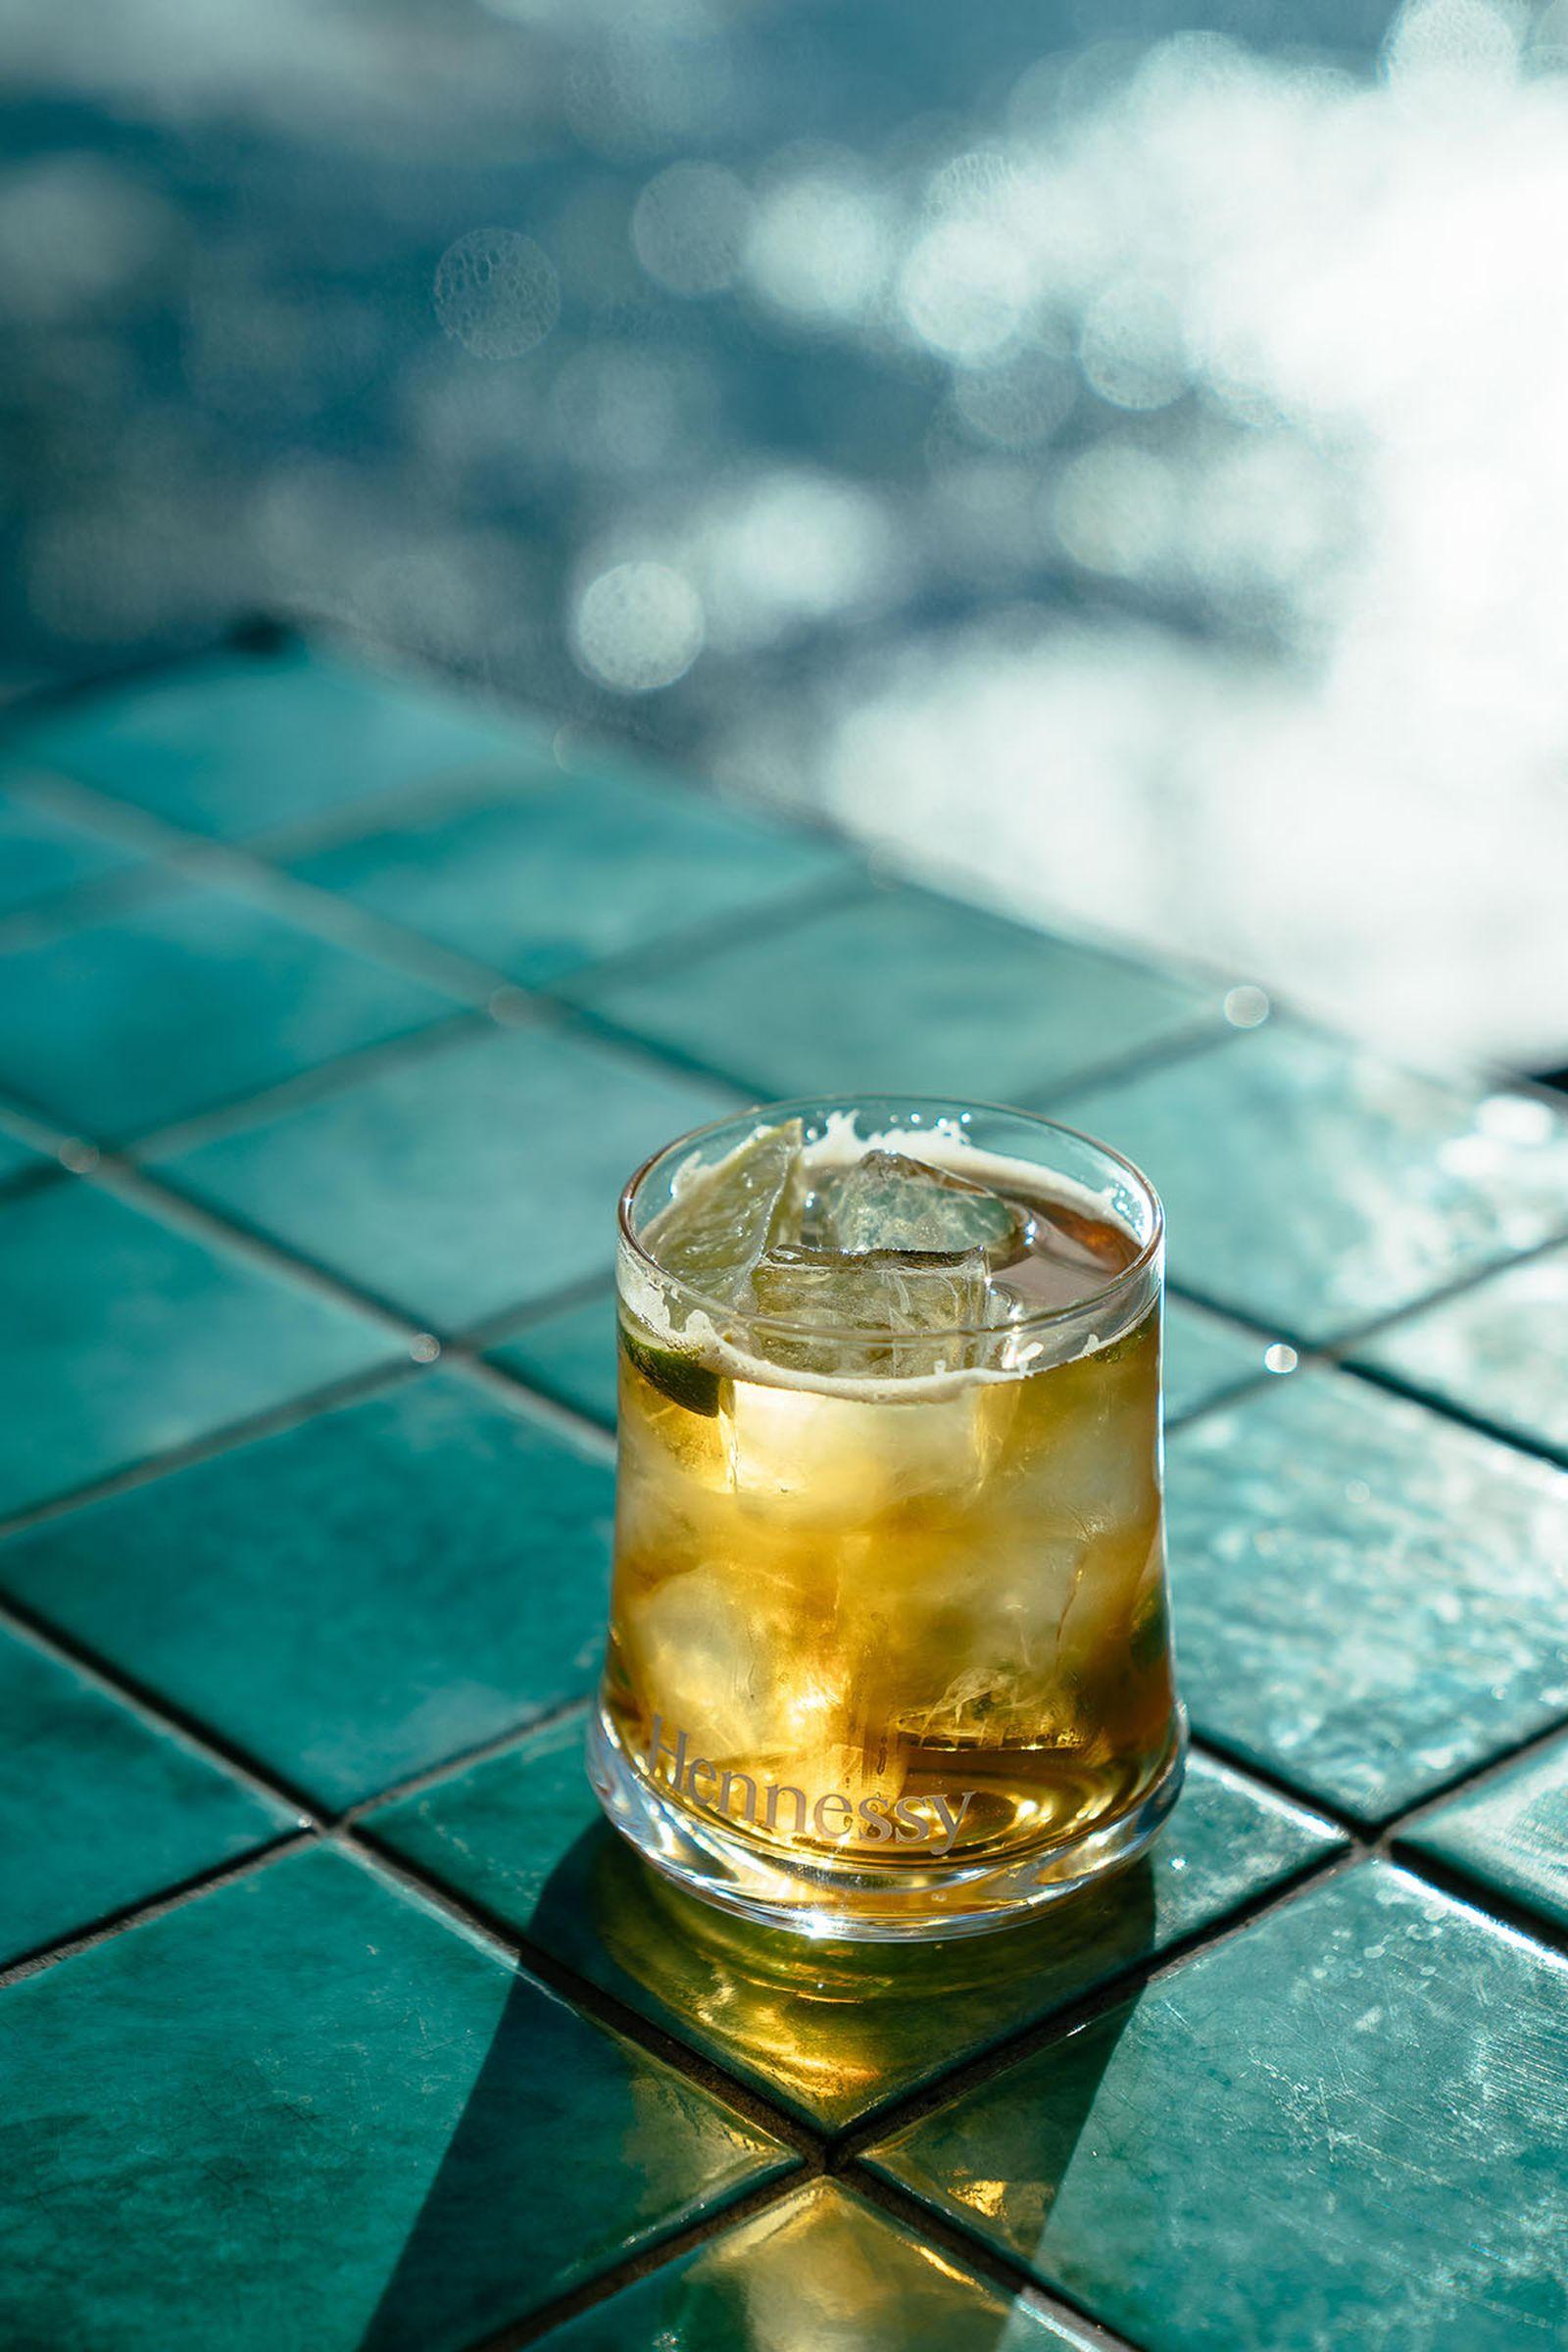 Hennessy x Ginger